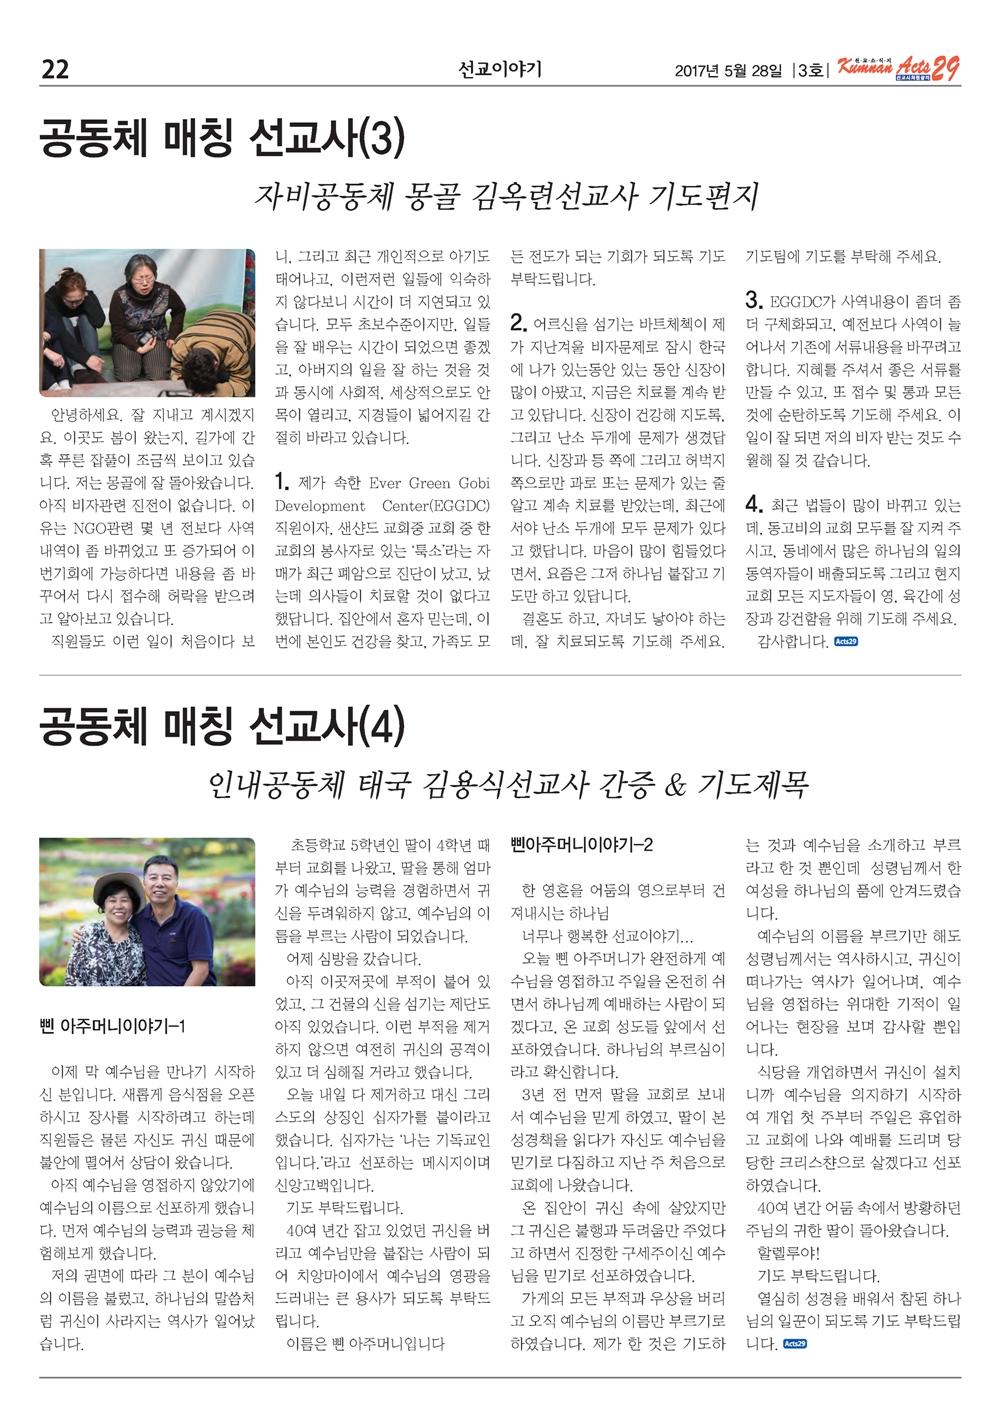 금란선교소식지 3월호_Page_22.jpg